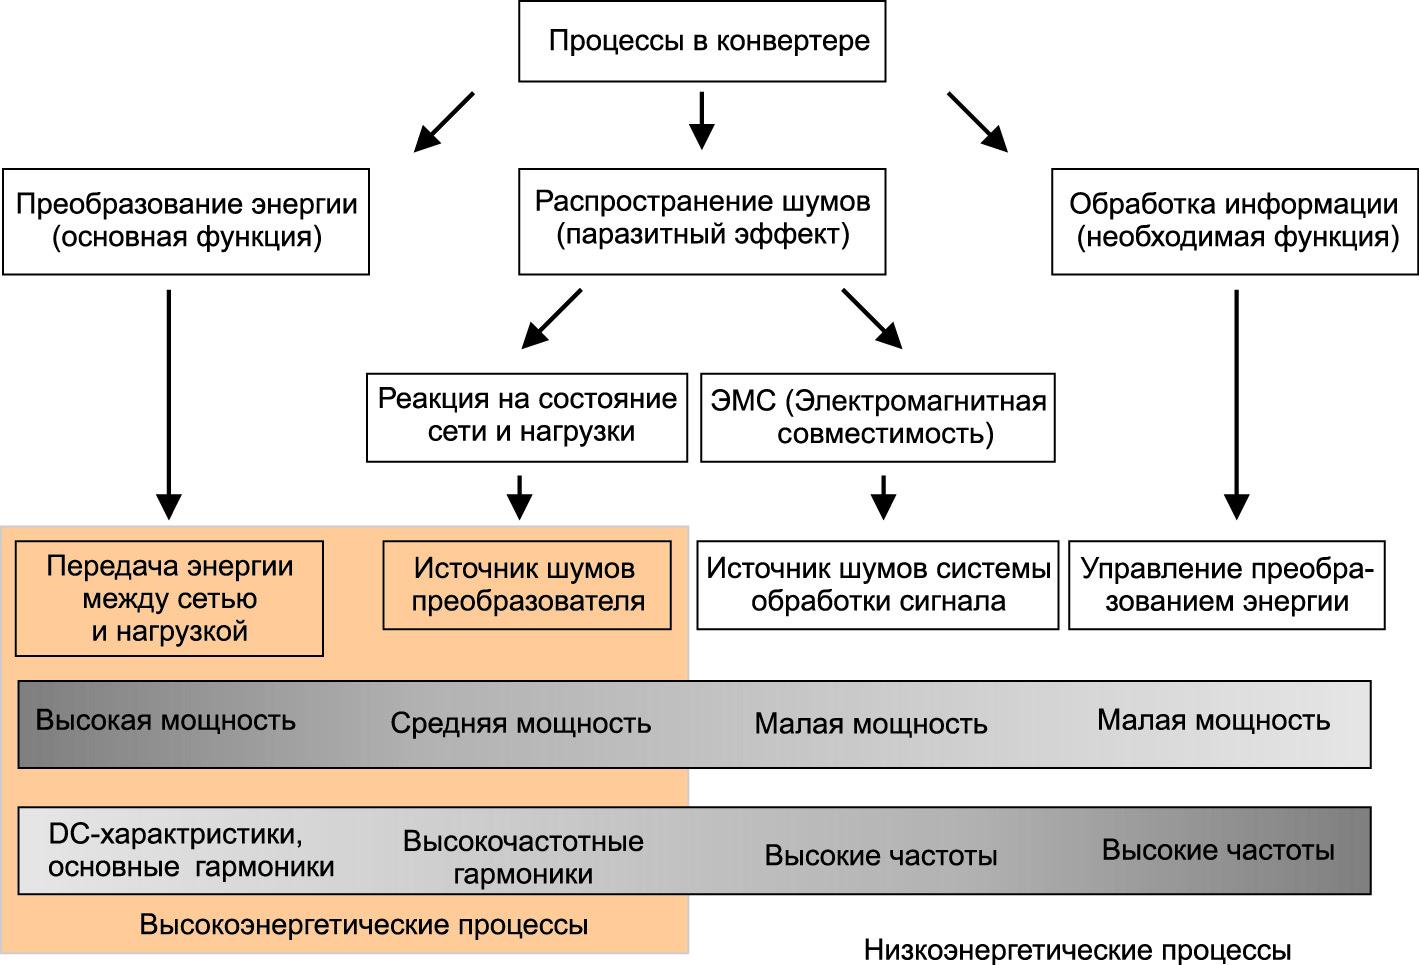 Энергетические процессы в конвертерах